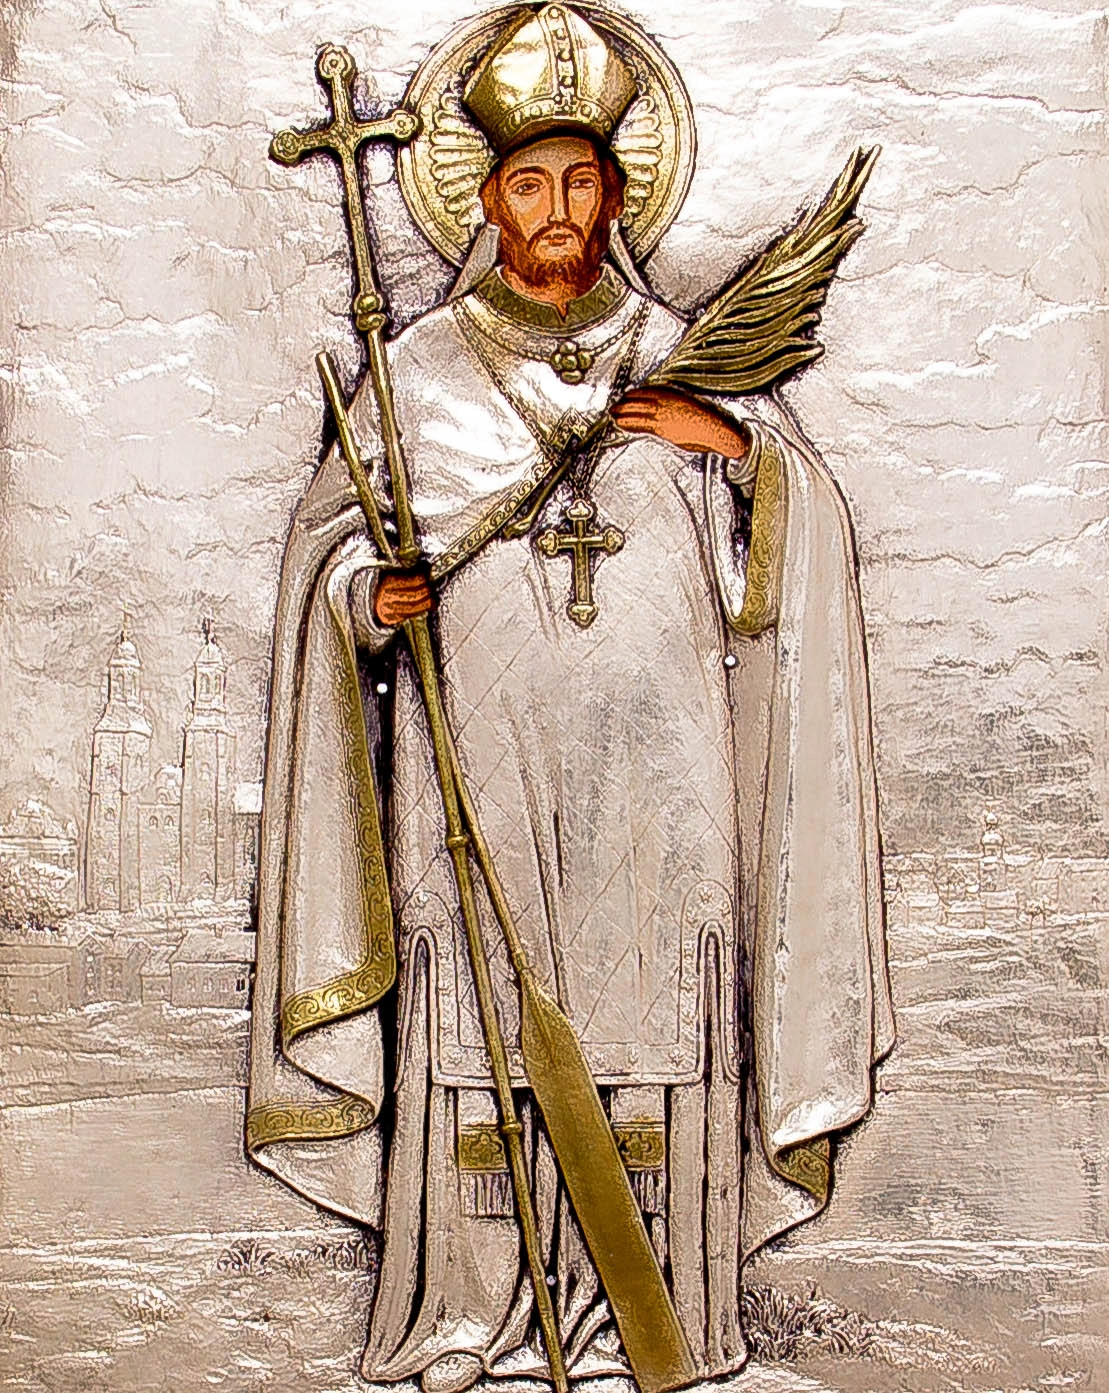 Ikona Świętego Wojciecha - patrona Polski! nr 61 Wysokość 35 cm